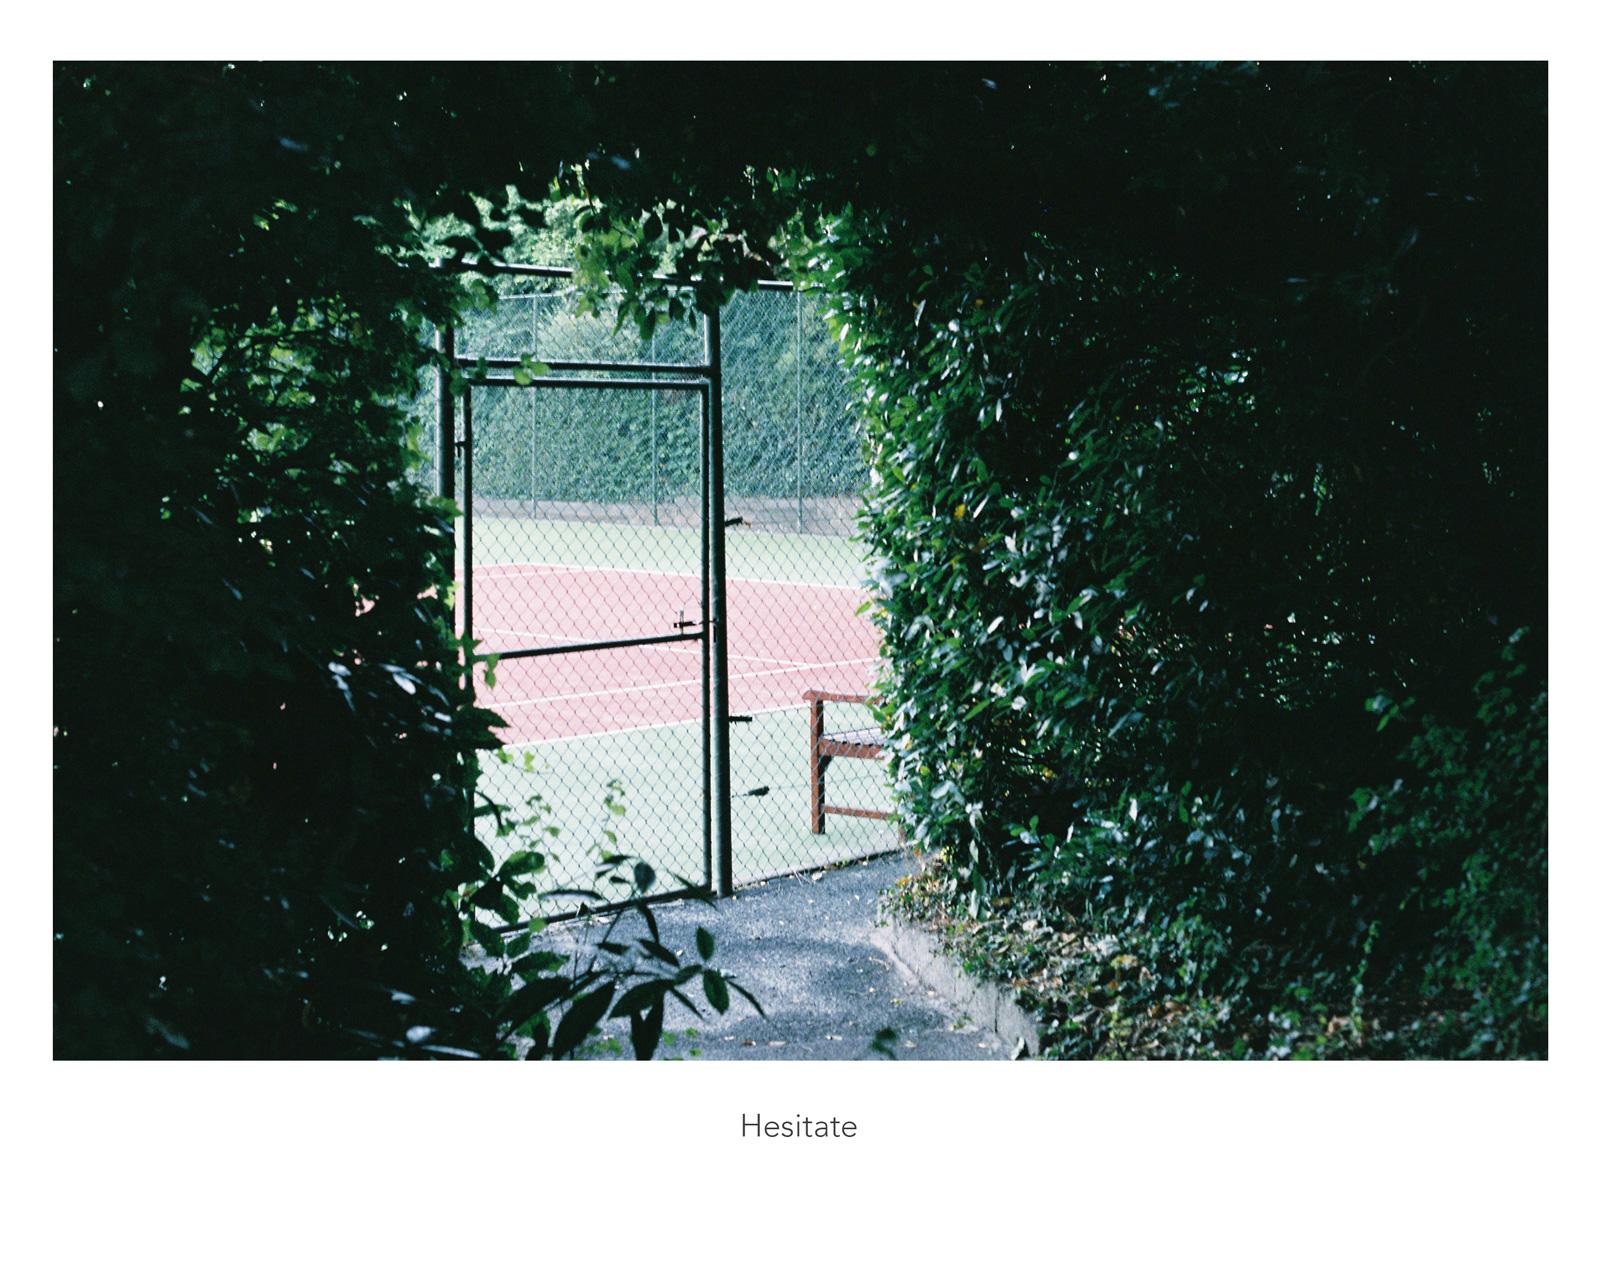 08_hesitate_ed_web.jpg